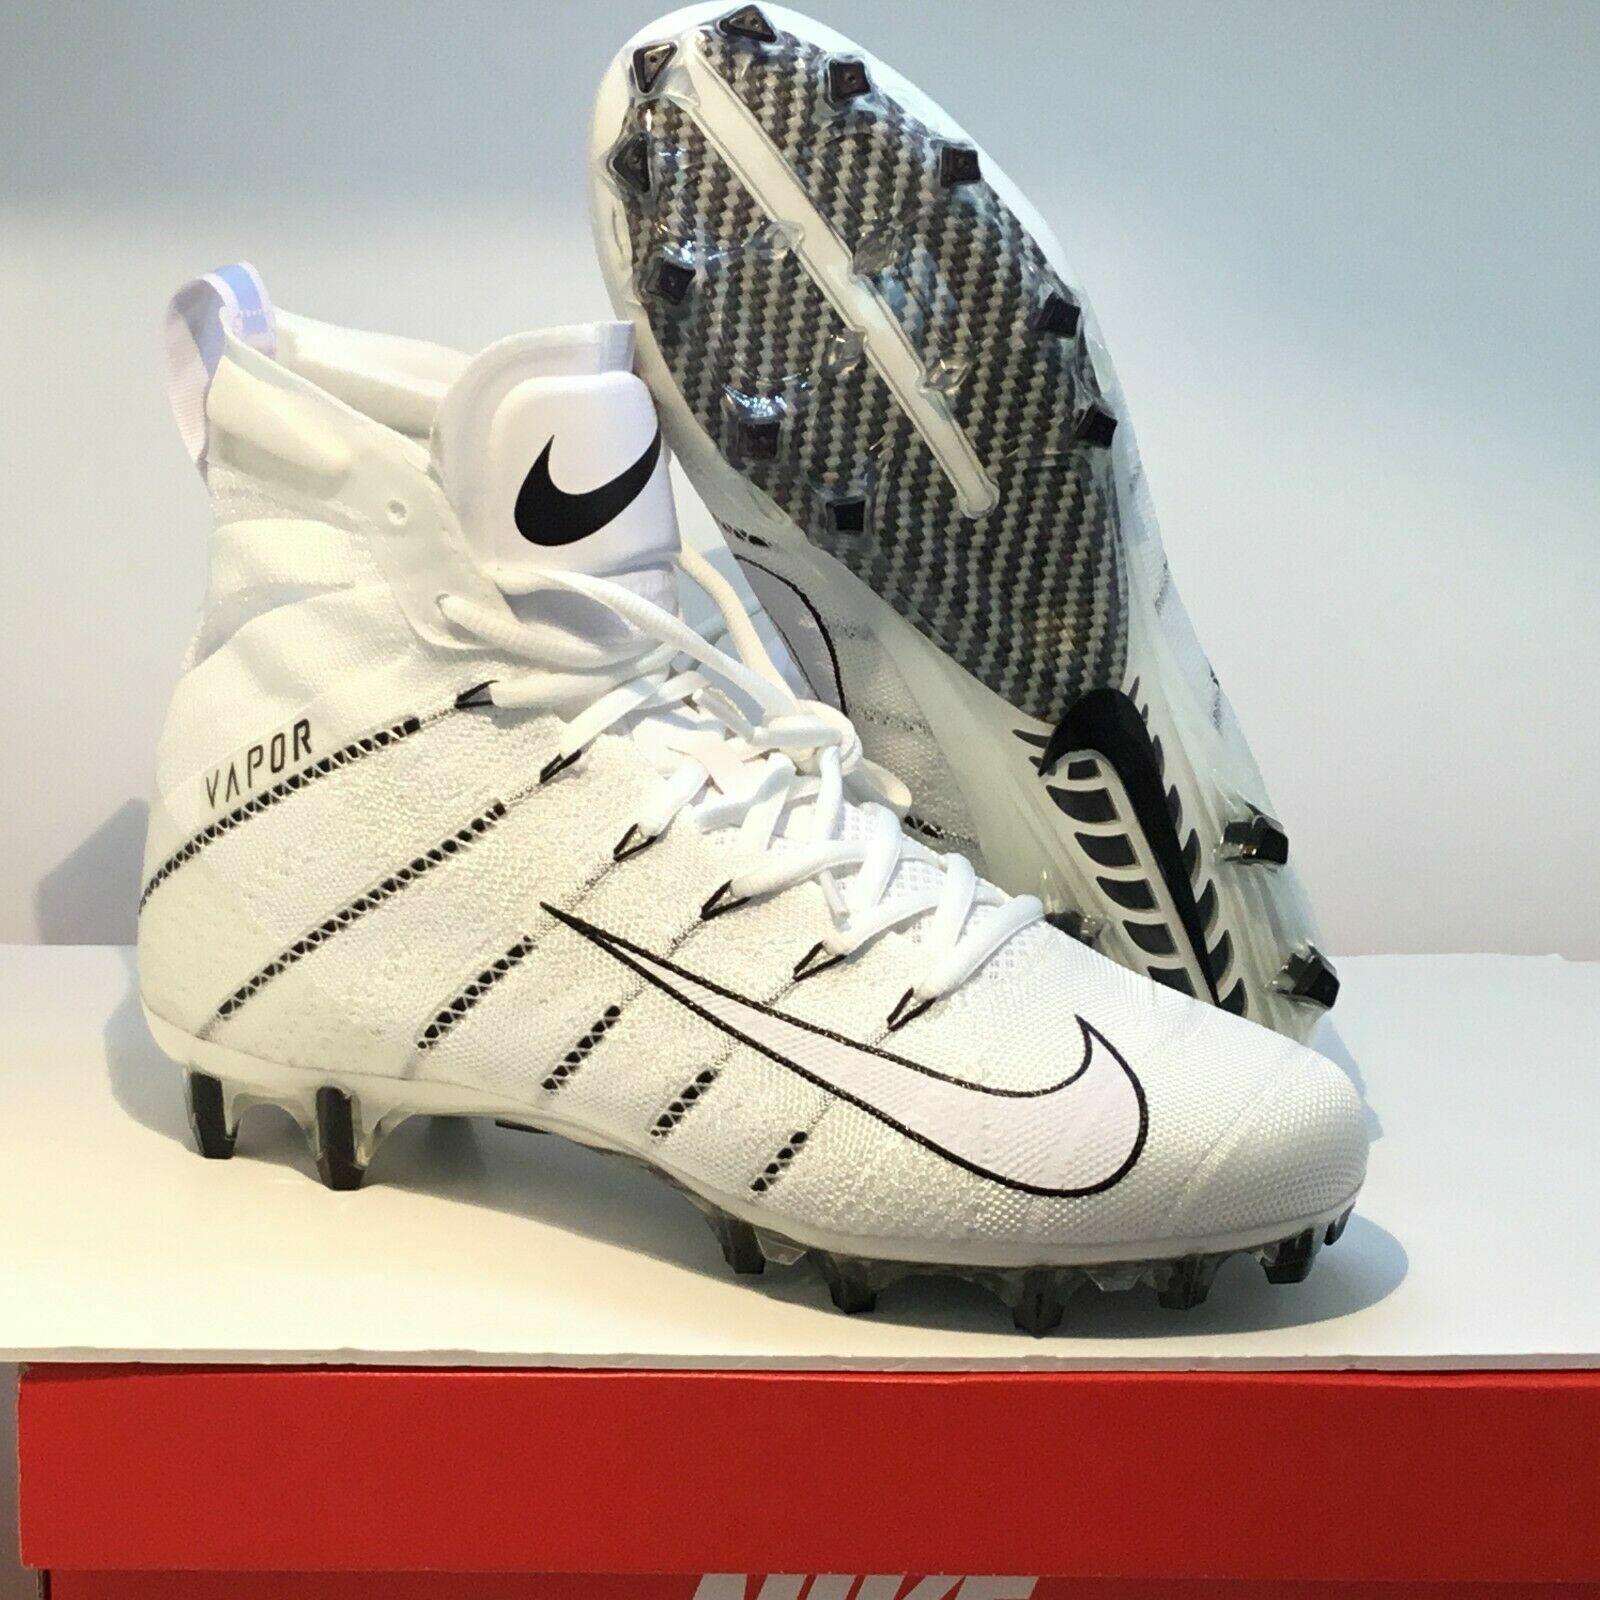 Nike Vapor Untouchable 3 Elite Fußball Stollenschuhe Weiß Schwarz Ah7408 110 Sz